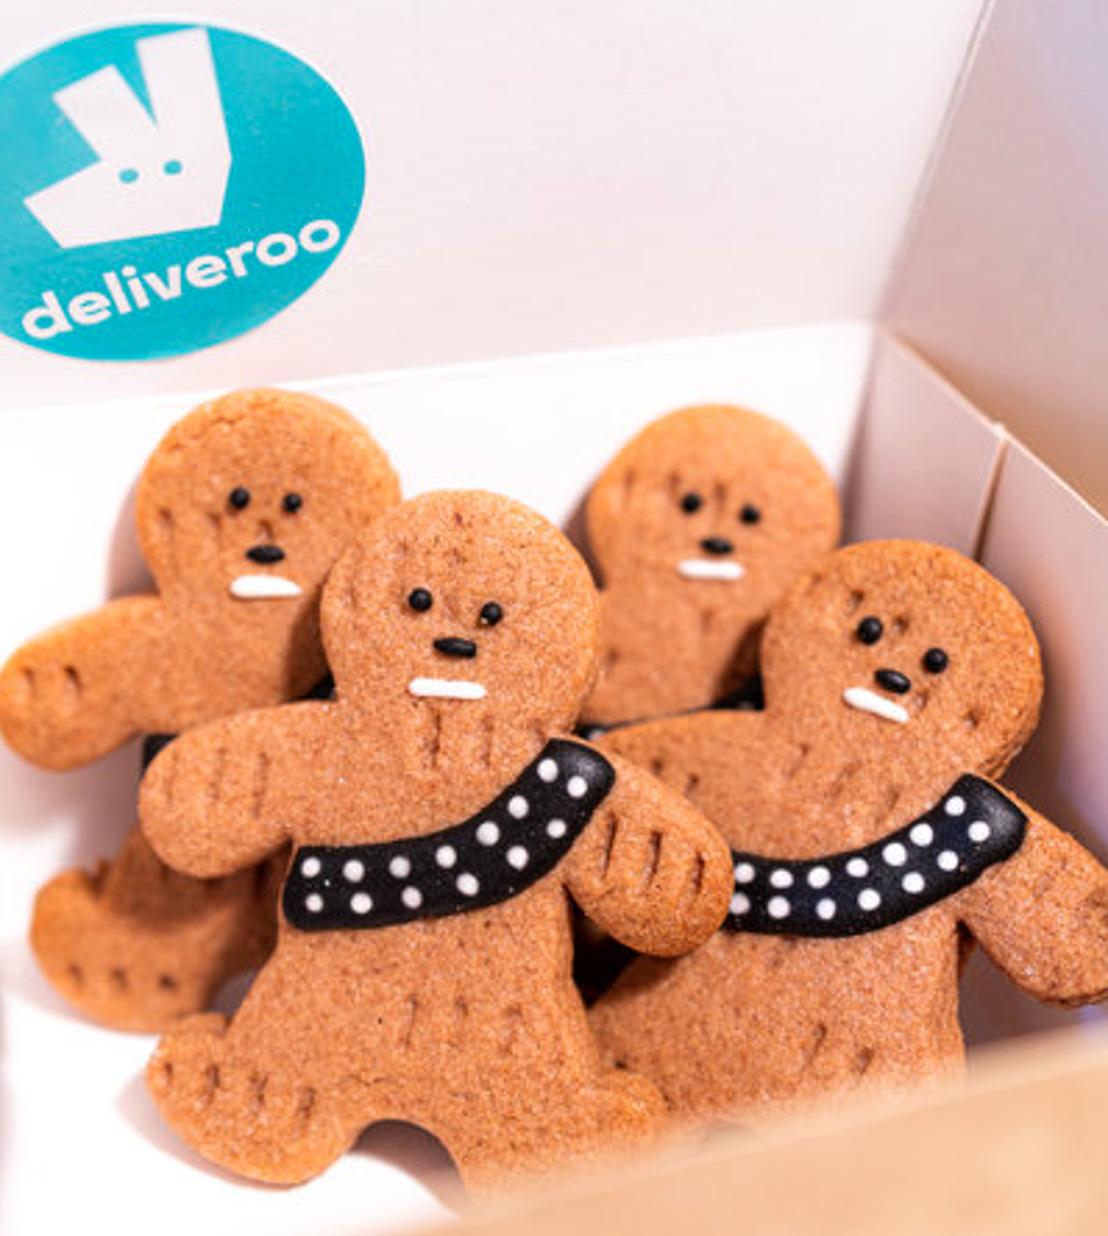 Des cookies galactiques livrés chez vous, pour le dernier épisode de la saga, grâce à DELIVEROO !